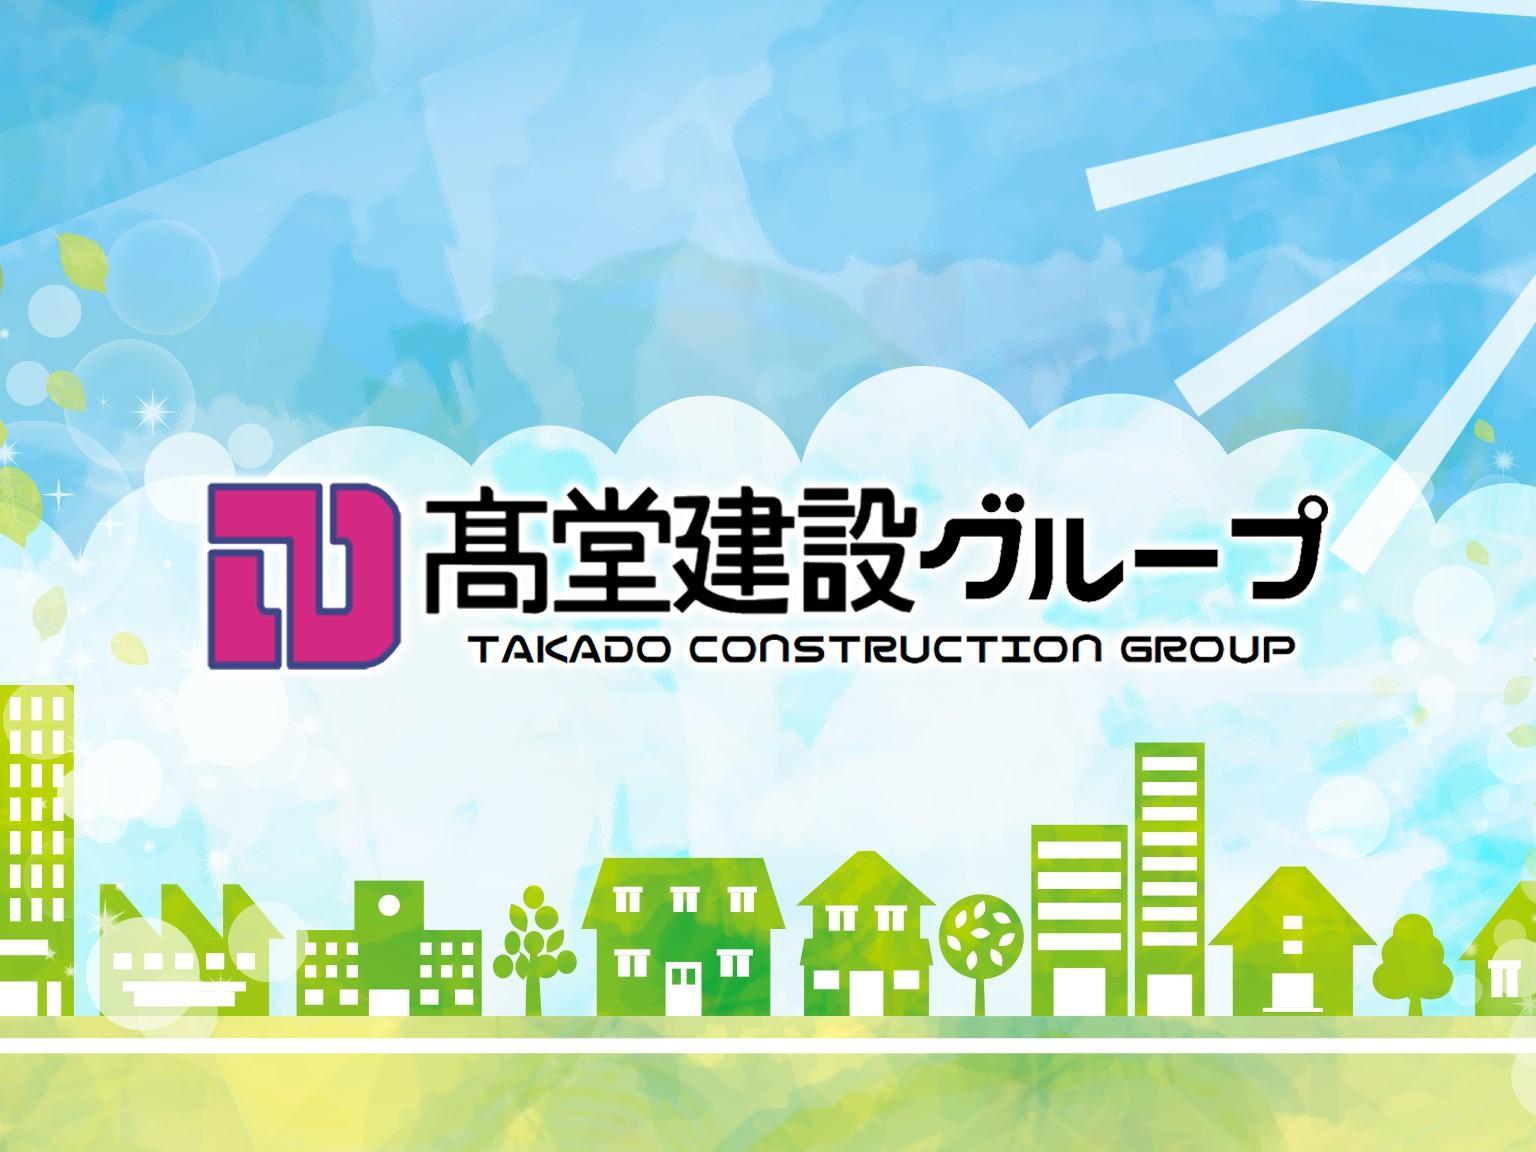 広尾町より爆弾低気圧被害に伴う緊急復旧活動に対して感謝状を頂きました